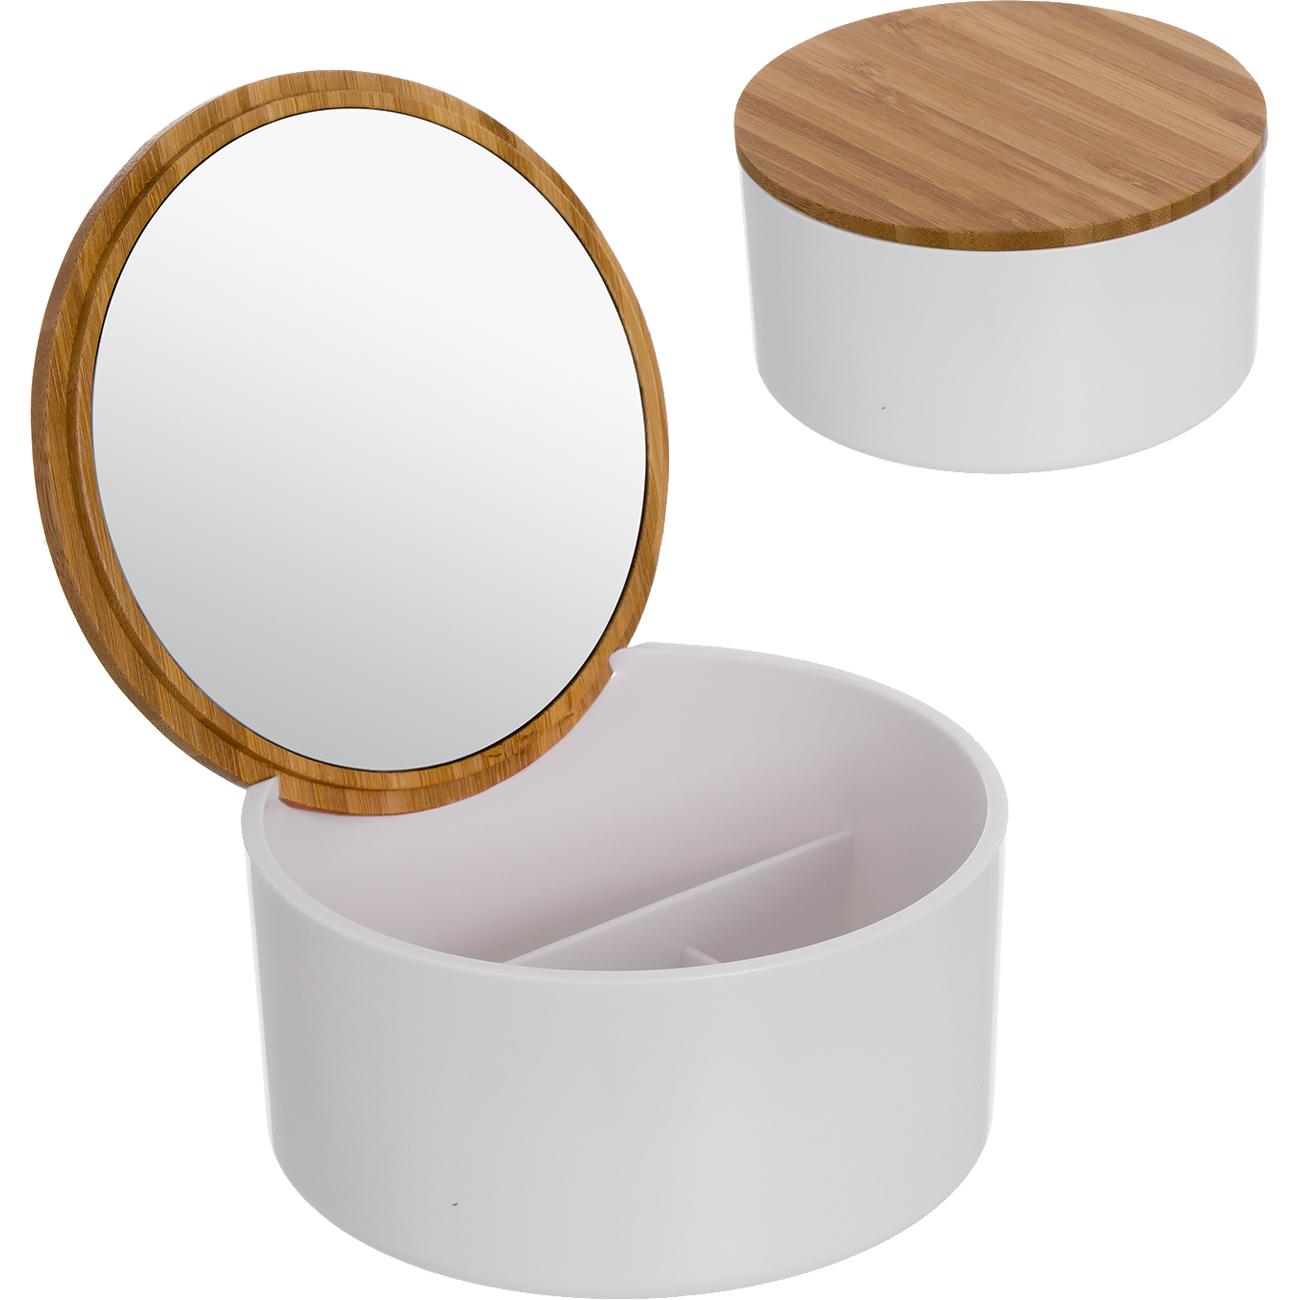 Шкатулка для украшений Bamboo с зеркалом Dcasa.